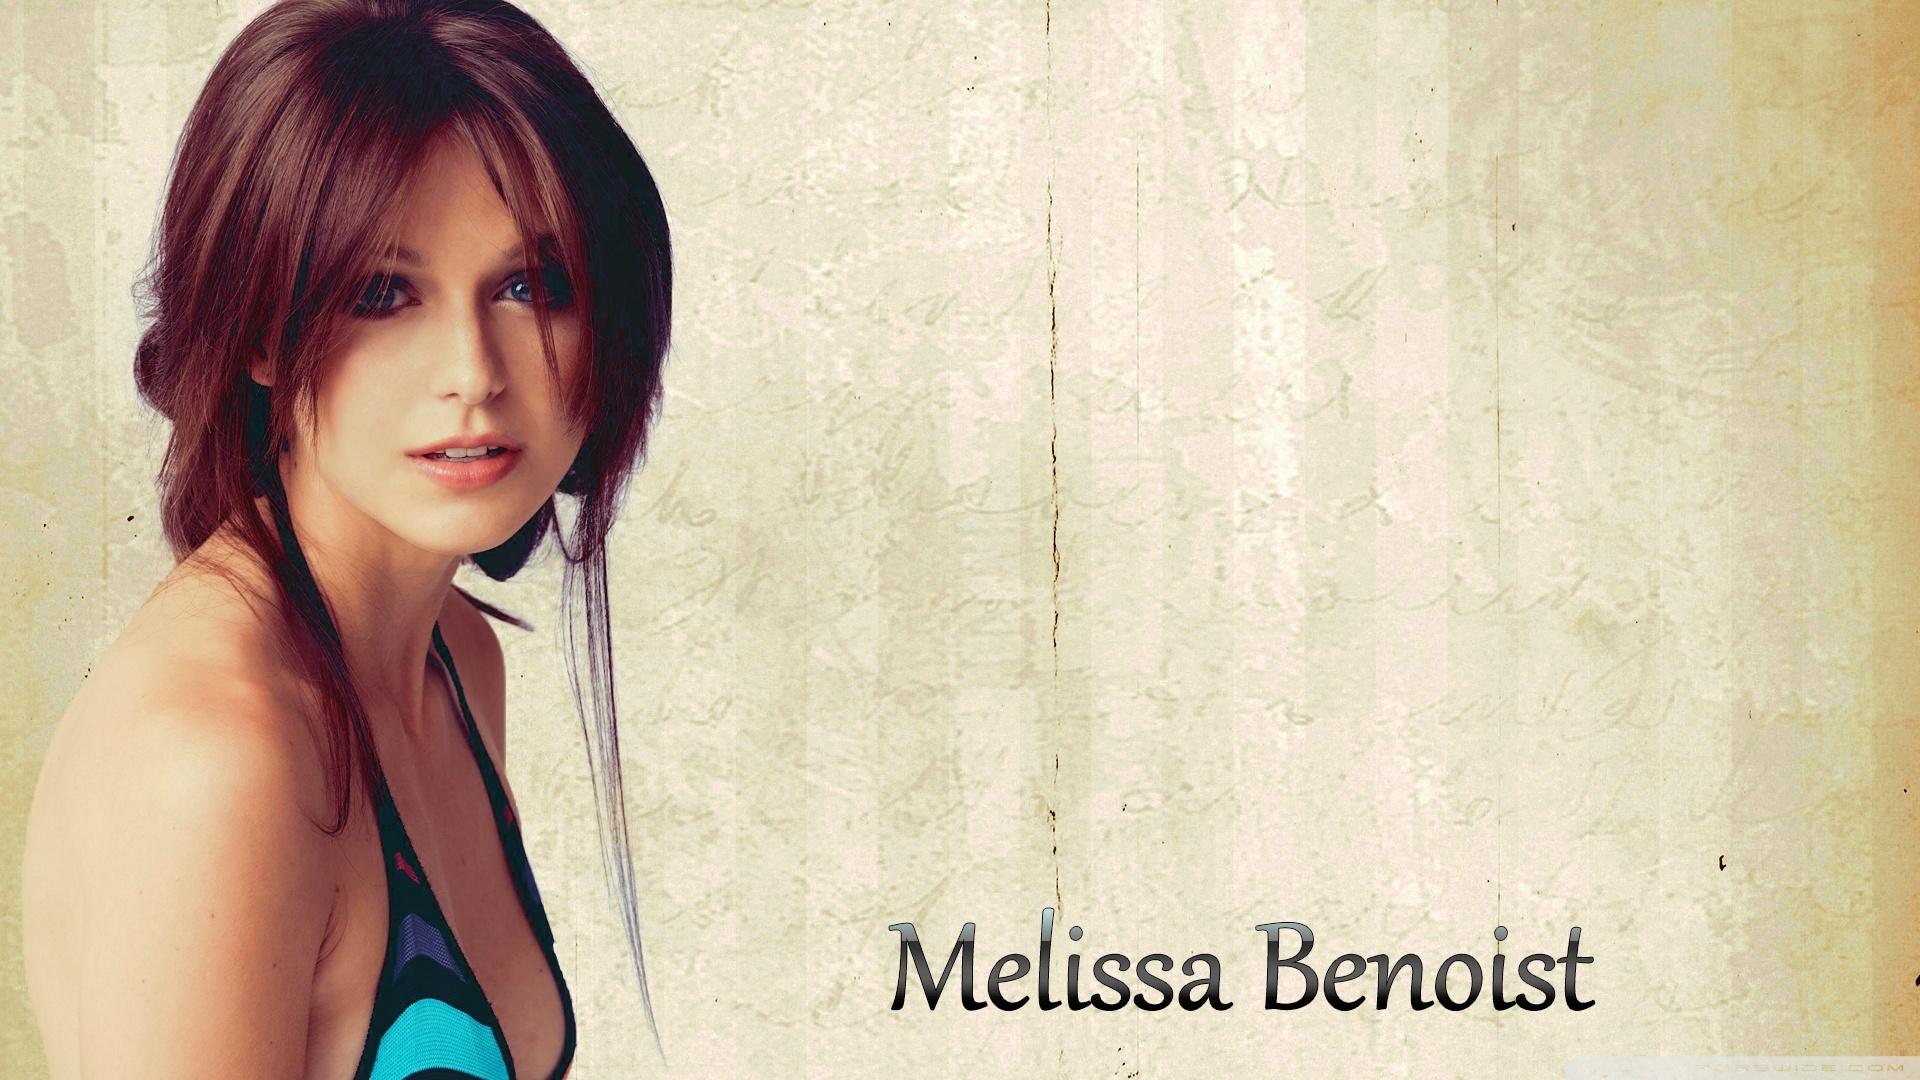 Melissa Benoist Wallpaper For Laptop